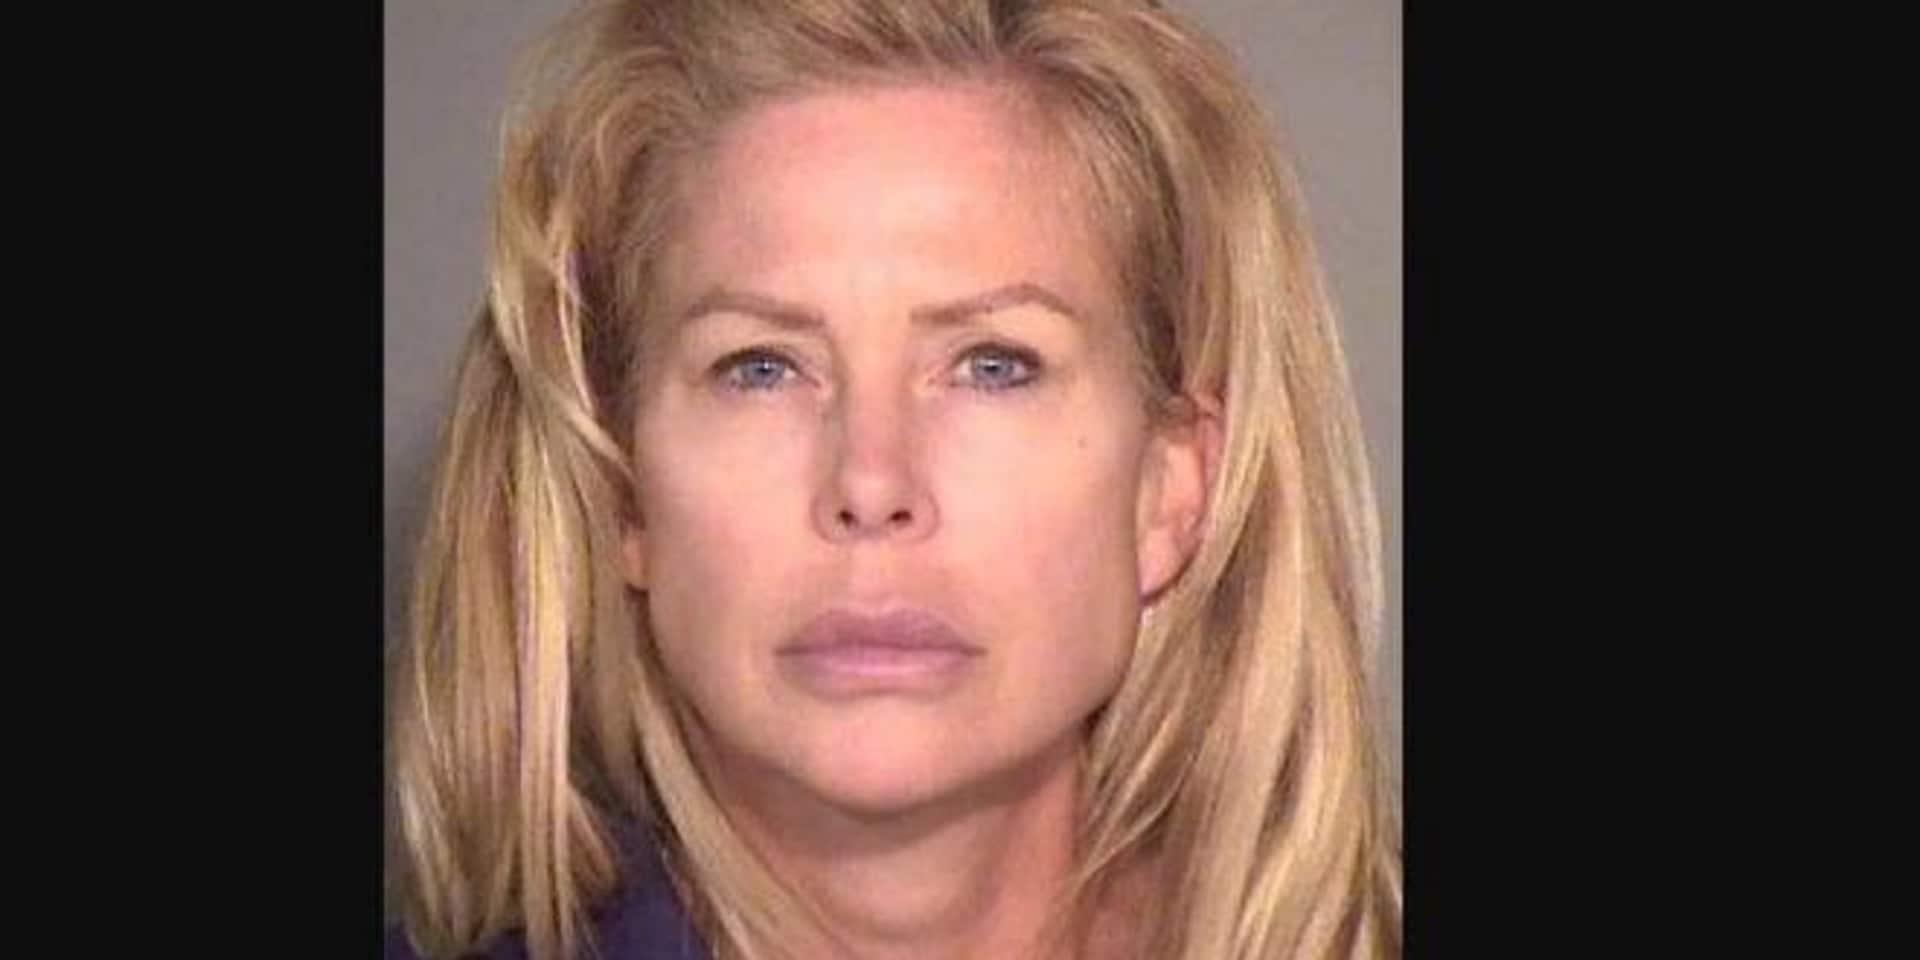 Cette femme a été arrêtée car elle est soupçonnée d'avoir couché avec des amis de son fils de 14 ans